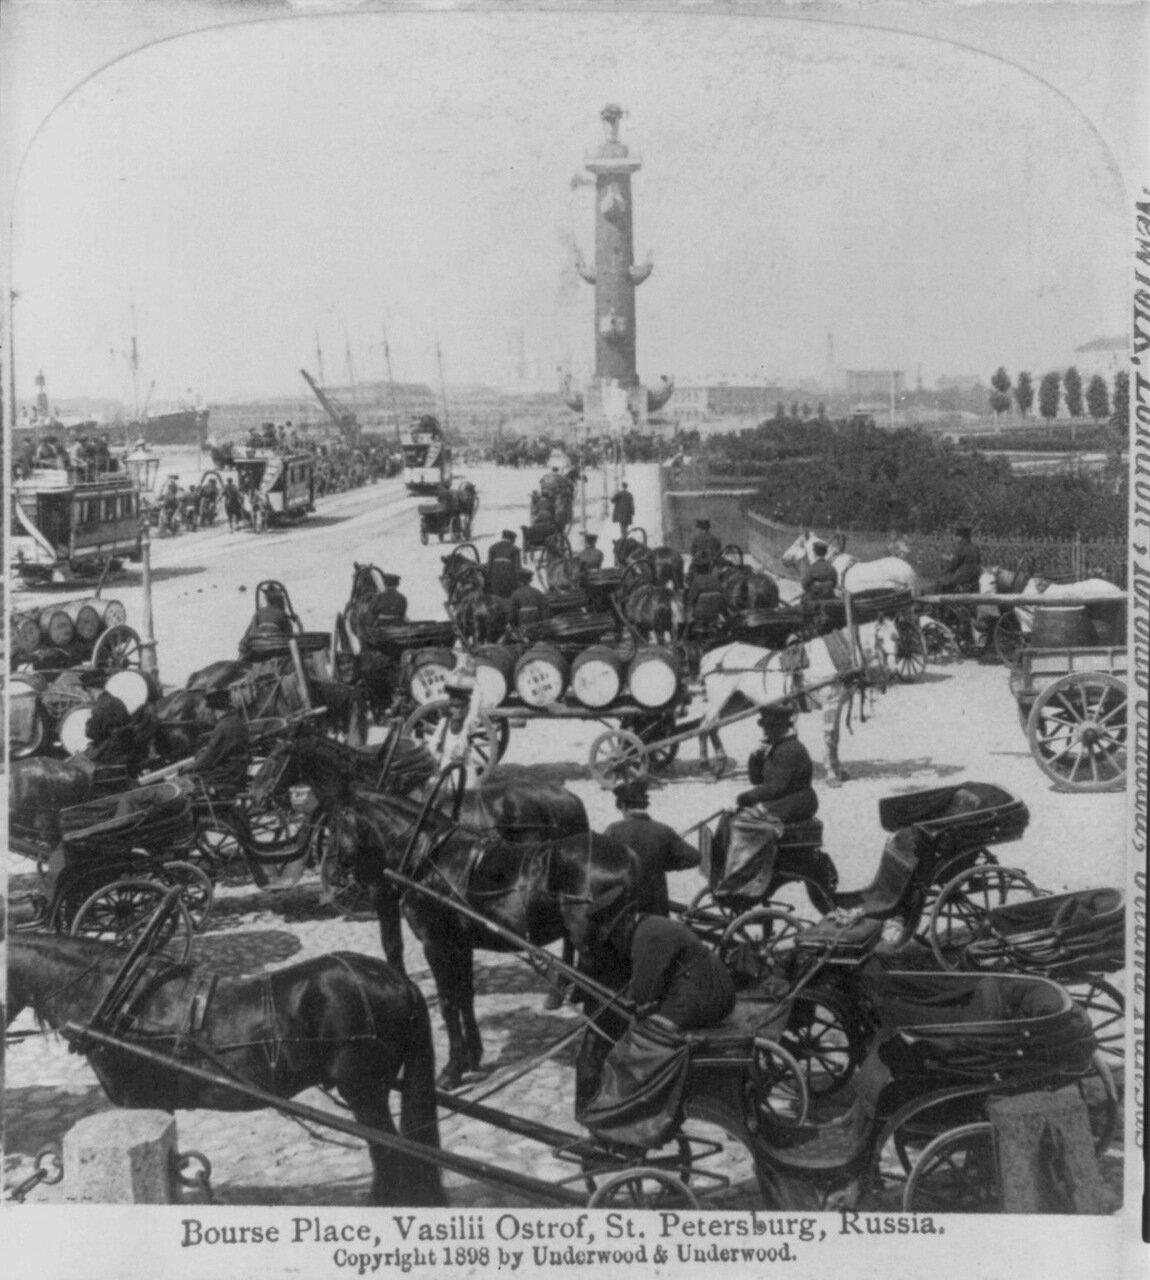 Васильевский остров, 1898